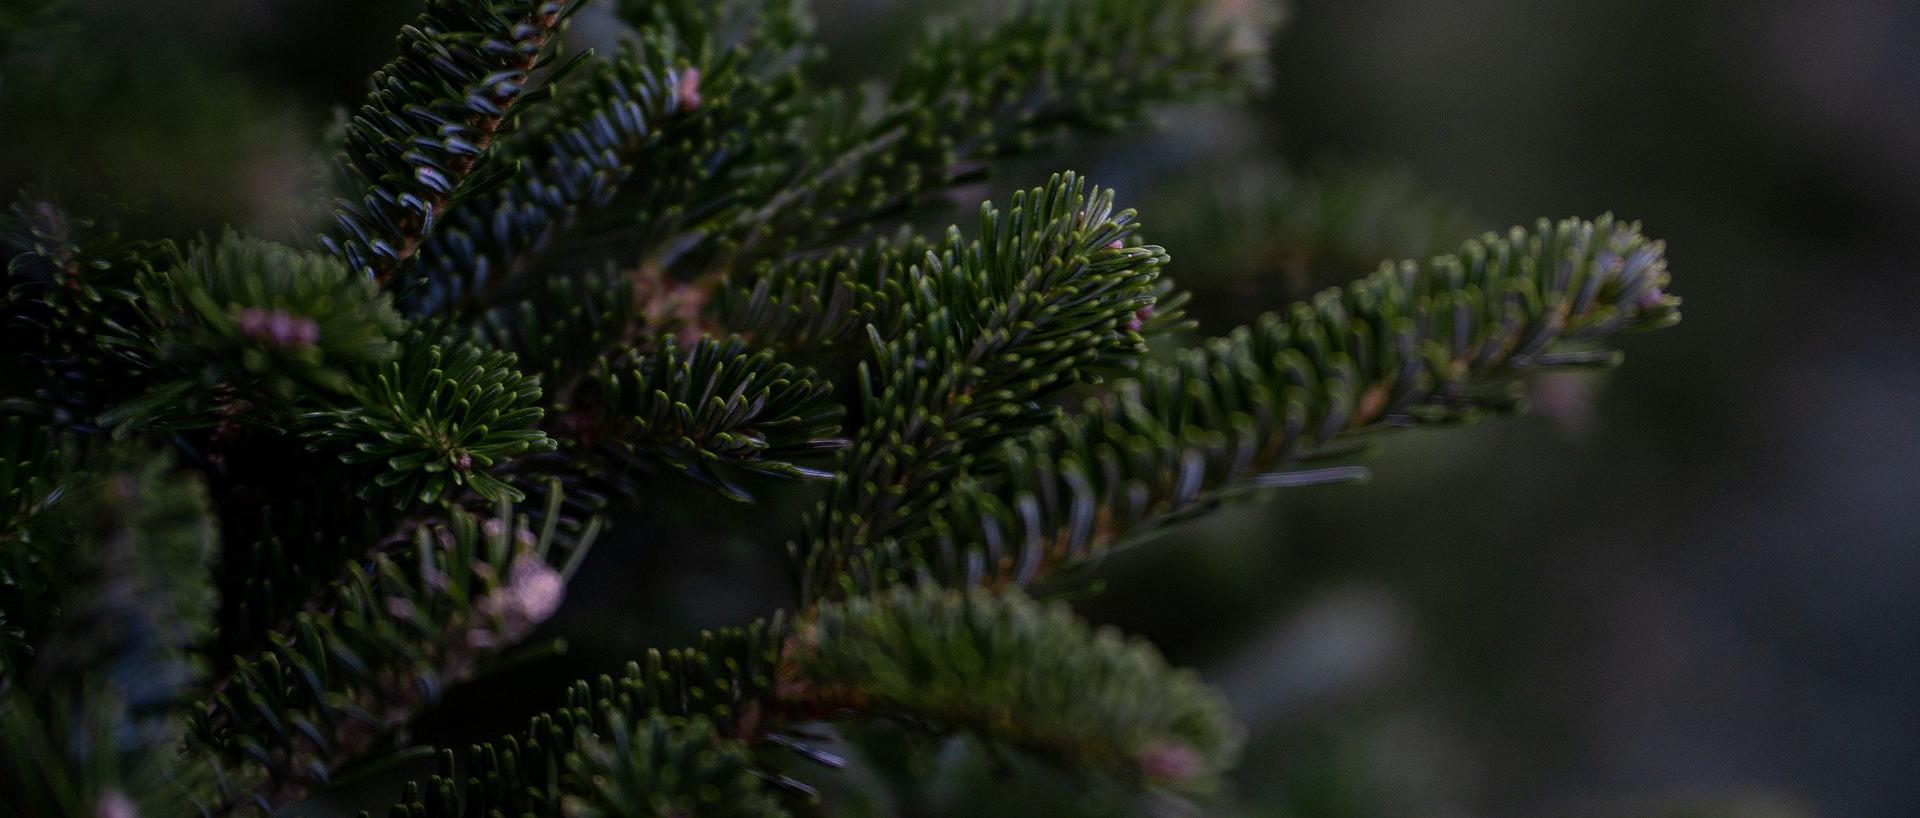 Pfadfinder sammeln Christbäume ein